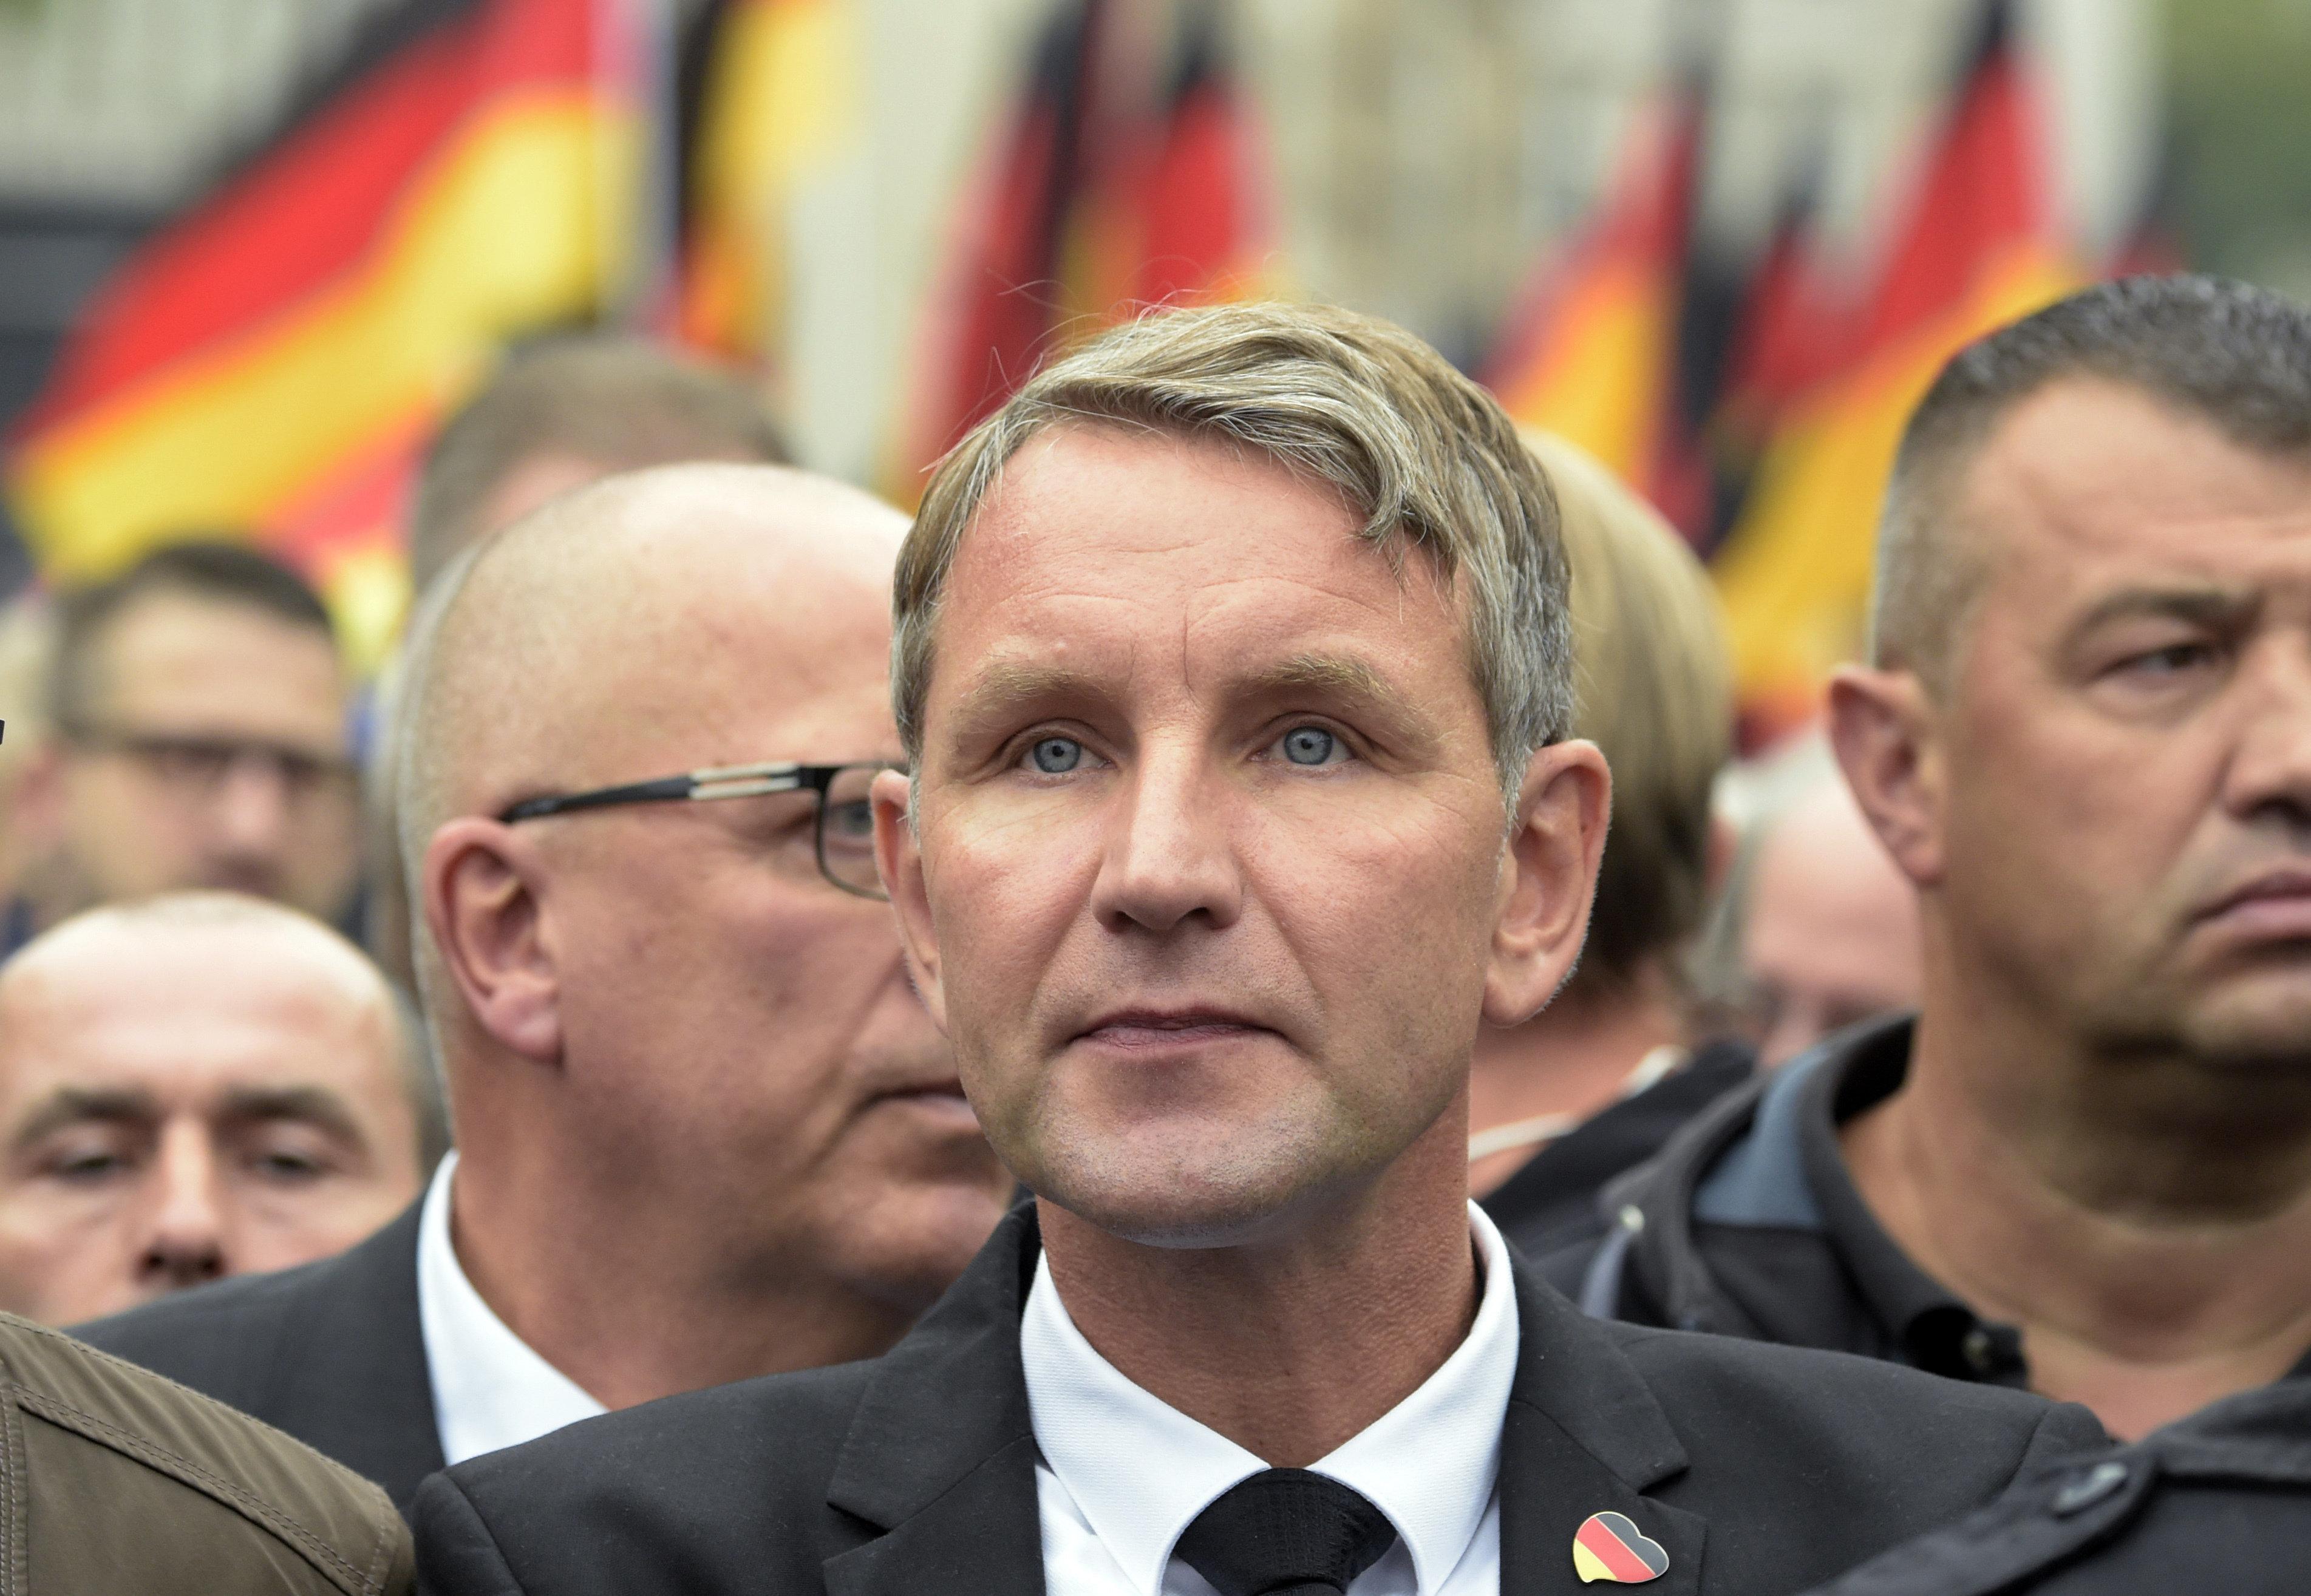 Hitler-Skandal bei der AfD Thüringen: Warum das für Parteichef Höcke gefährlich werden